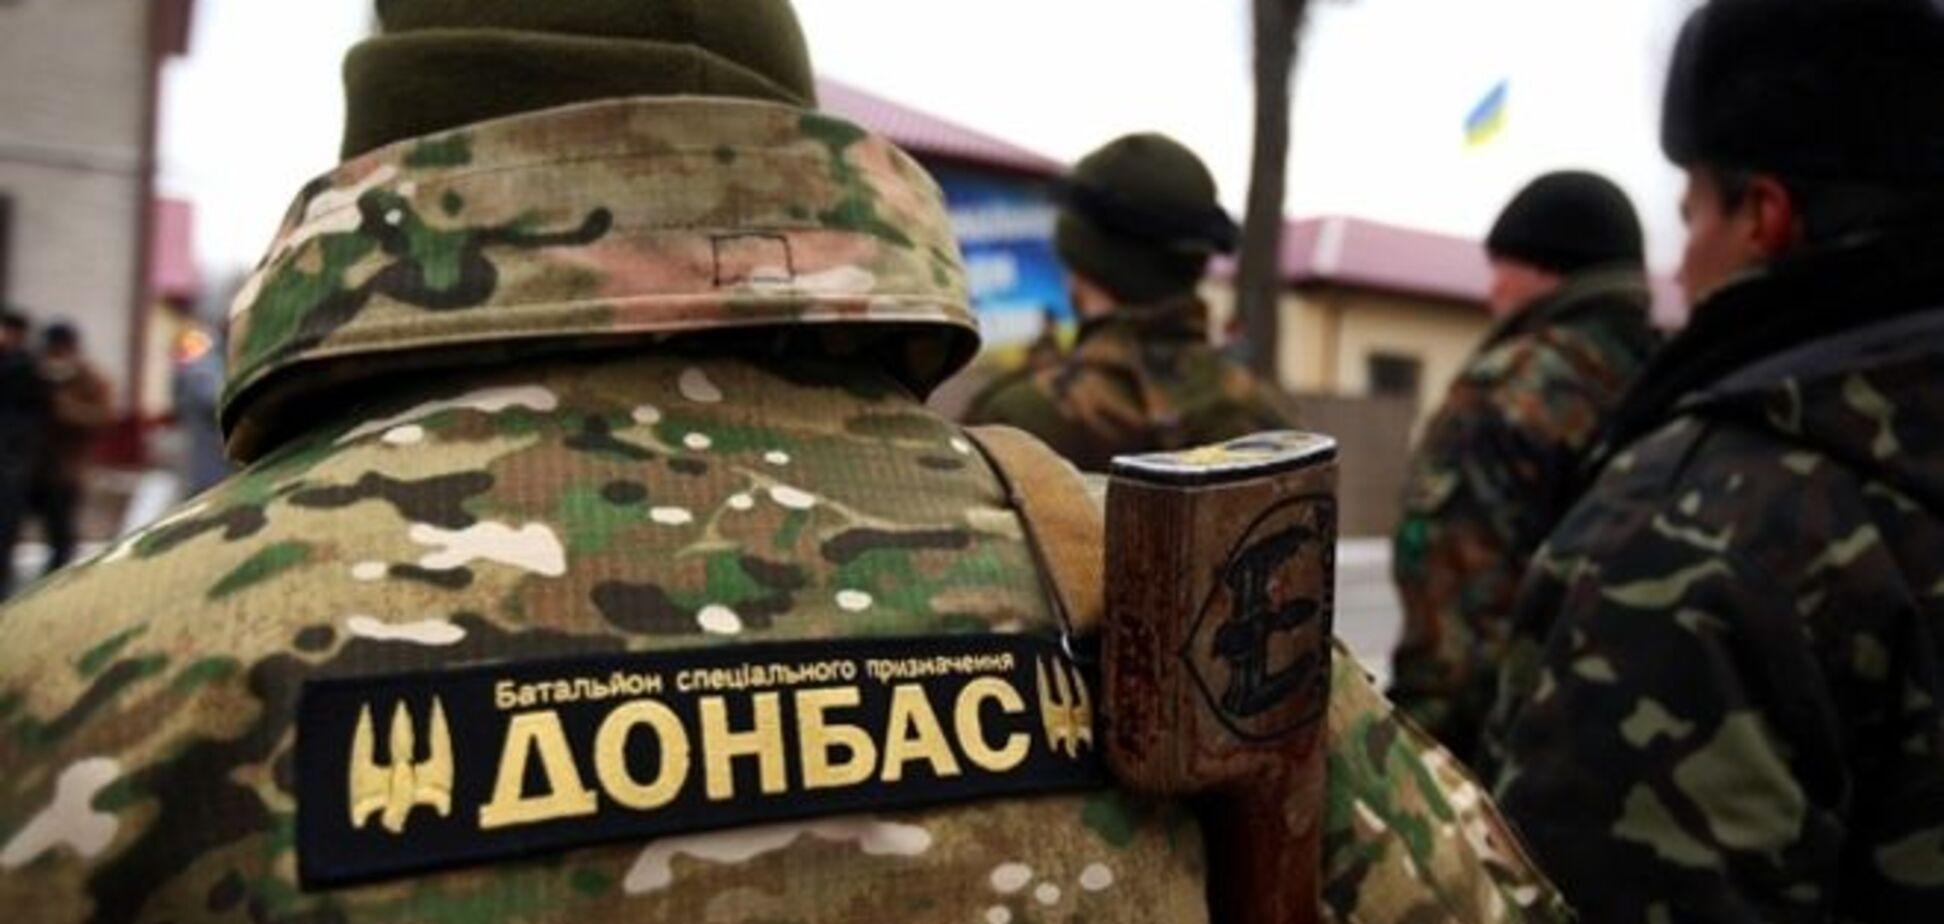 Украинцы не пустят! Поляк объяснил, почему Путин не пойдет на Варшаву